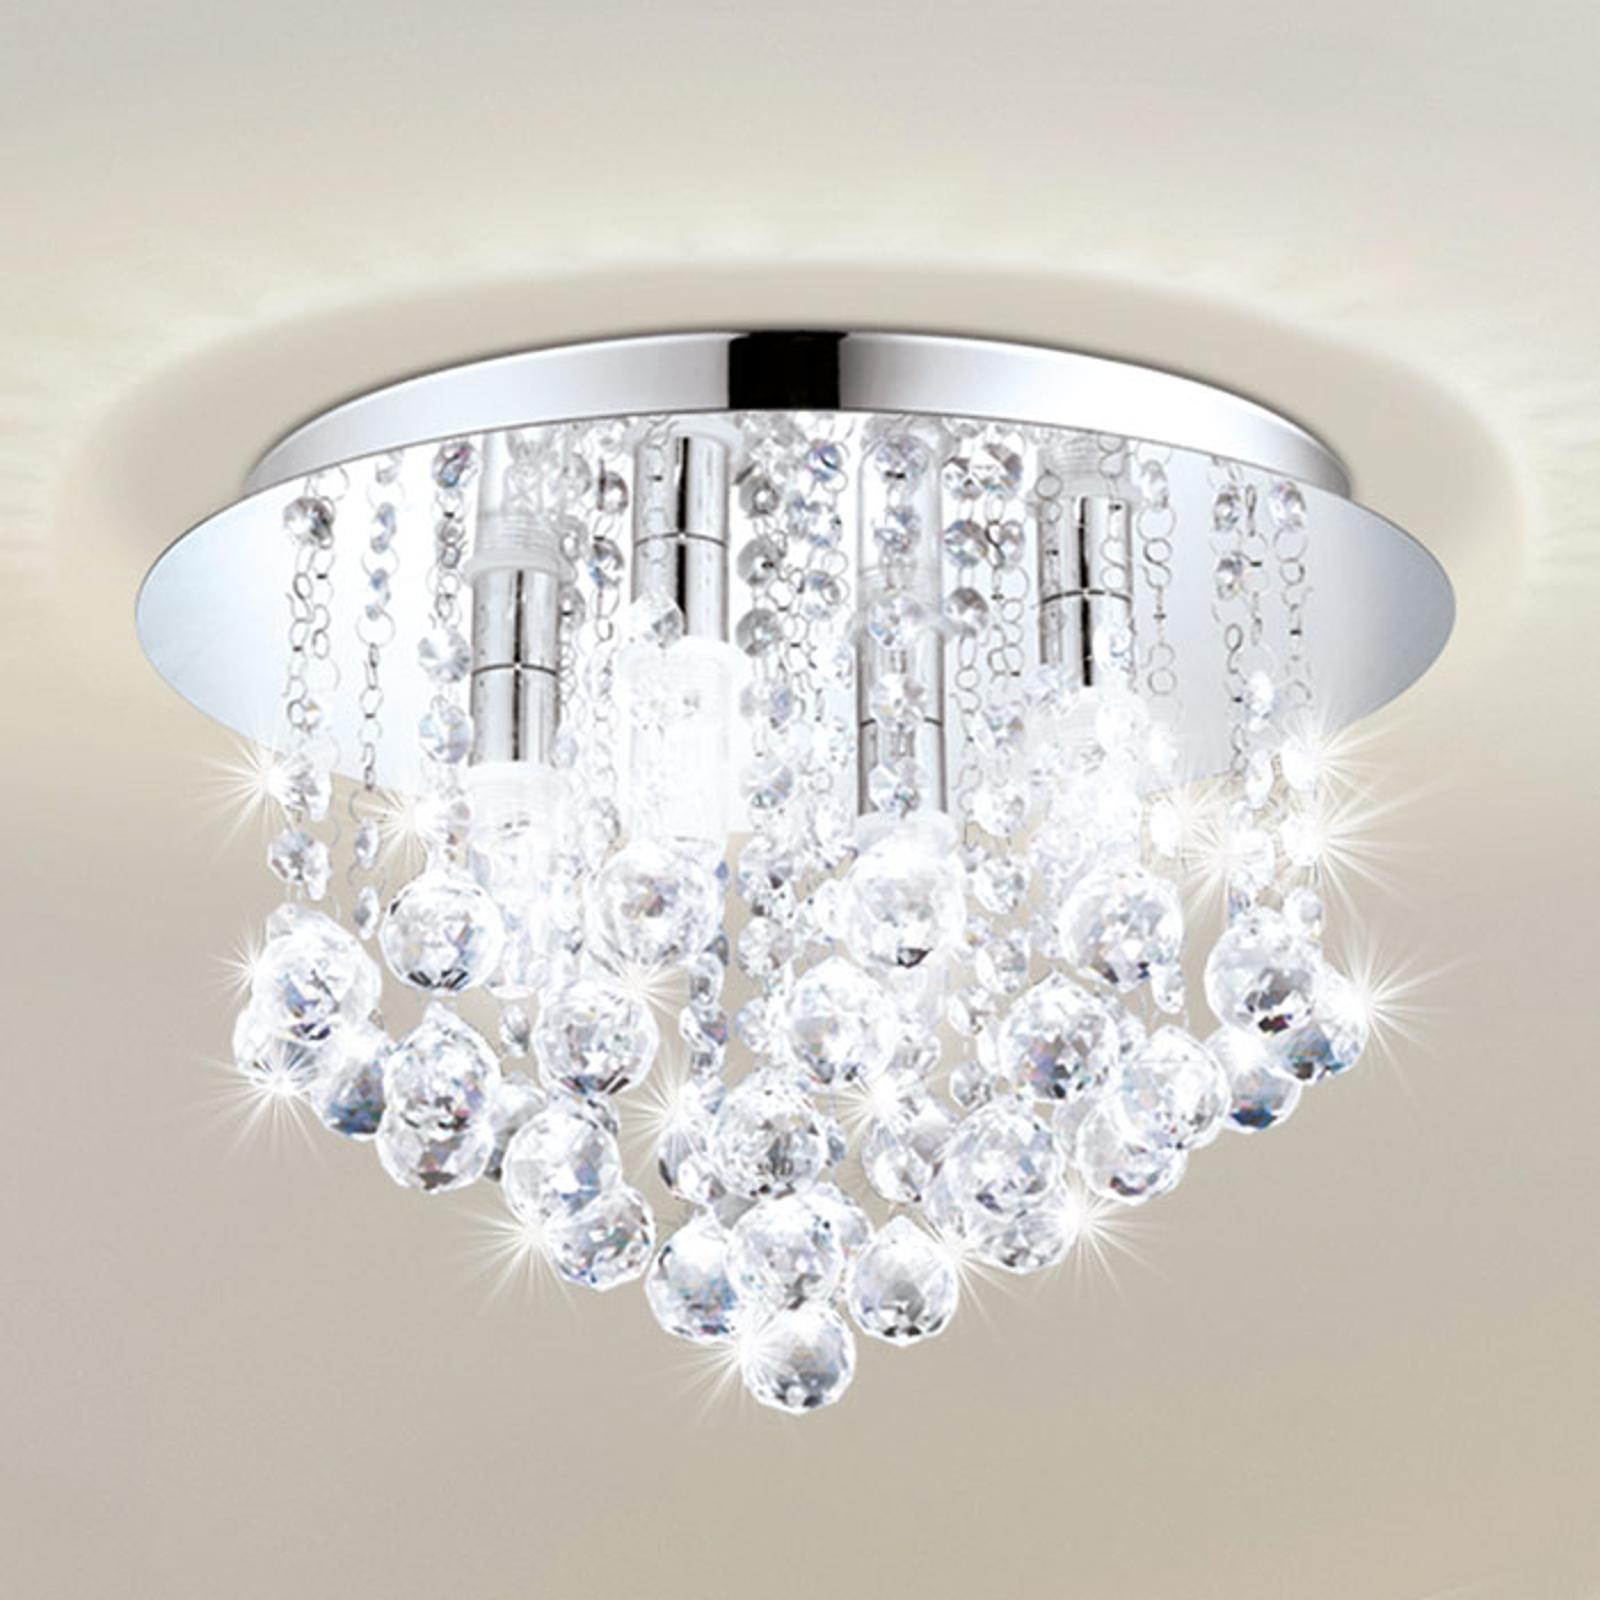 LED-Deckenleuchte Almonte mit Behang, 50cm